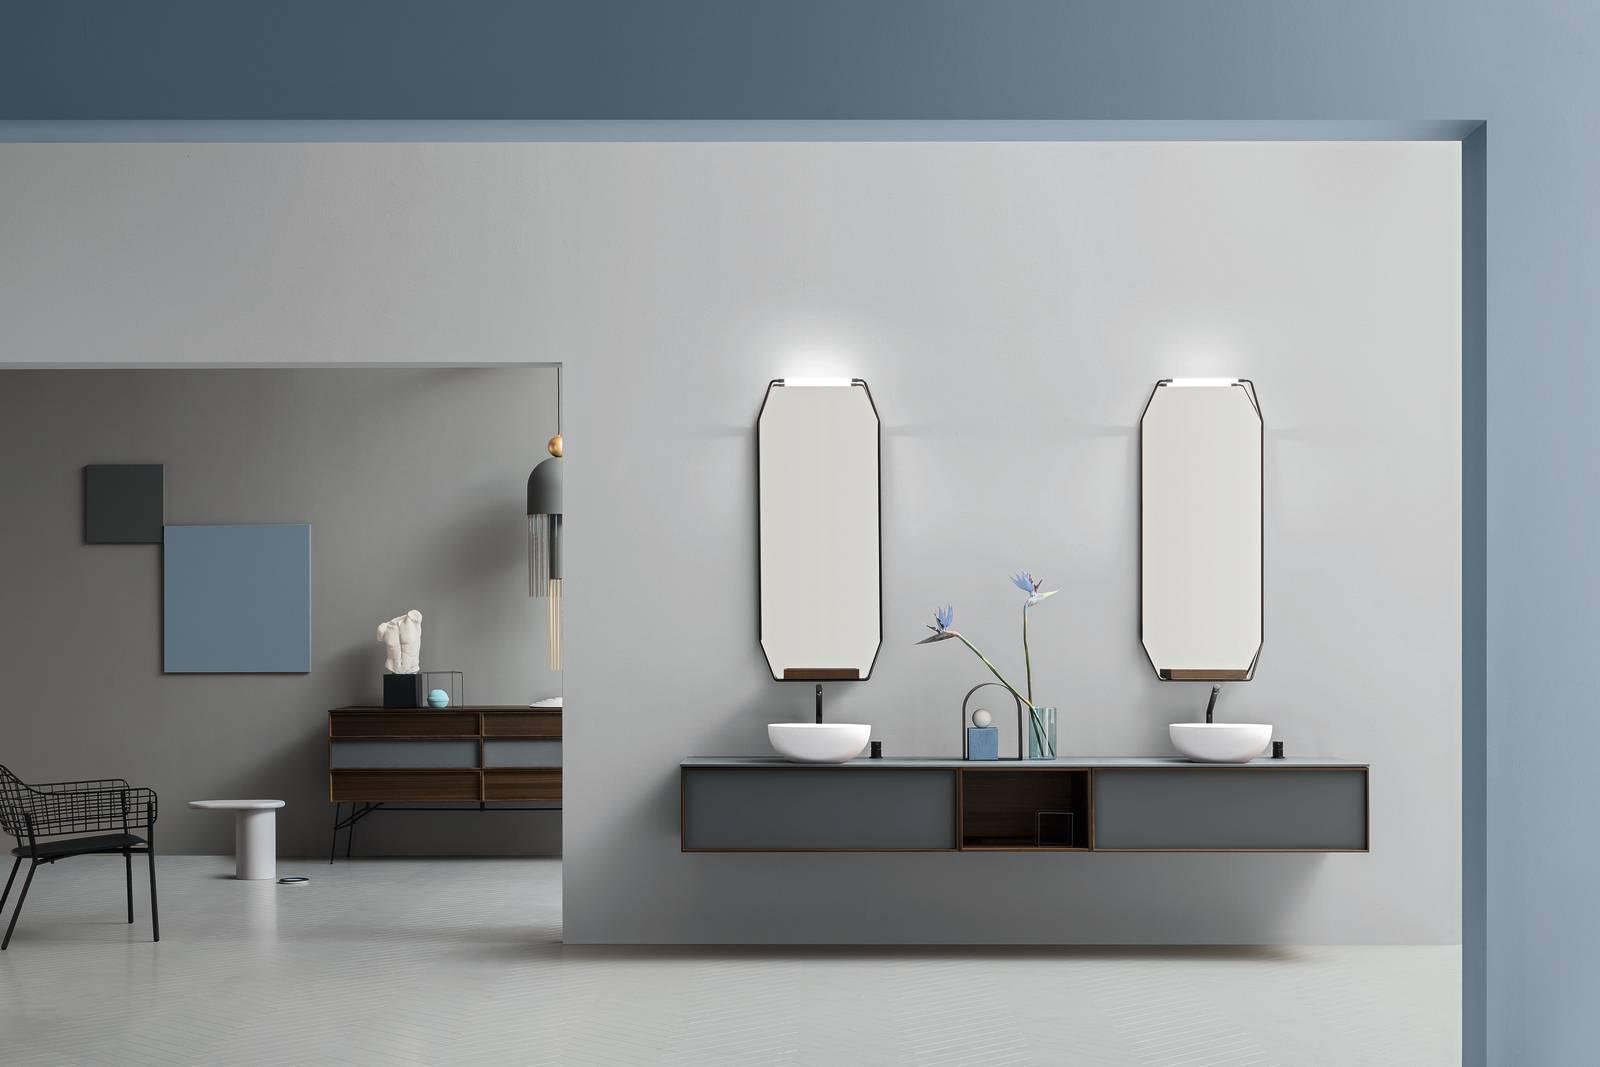 Mobili bagno Cerasa, la collezione DES eclettica e versatile - Cose ...